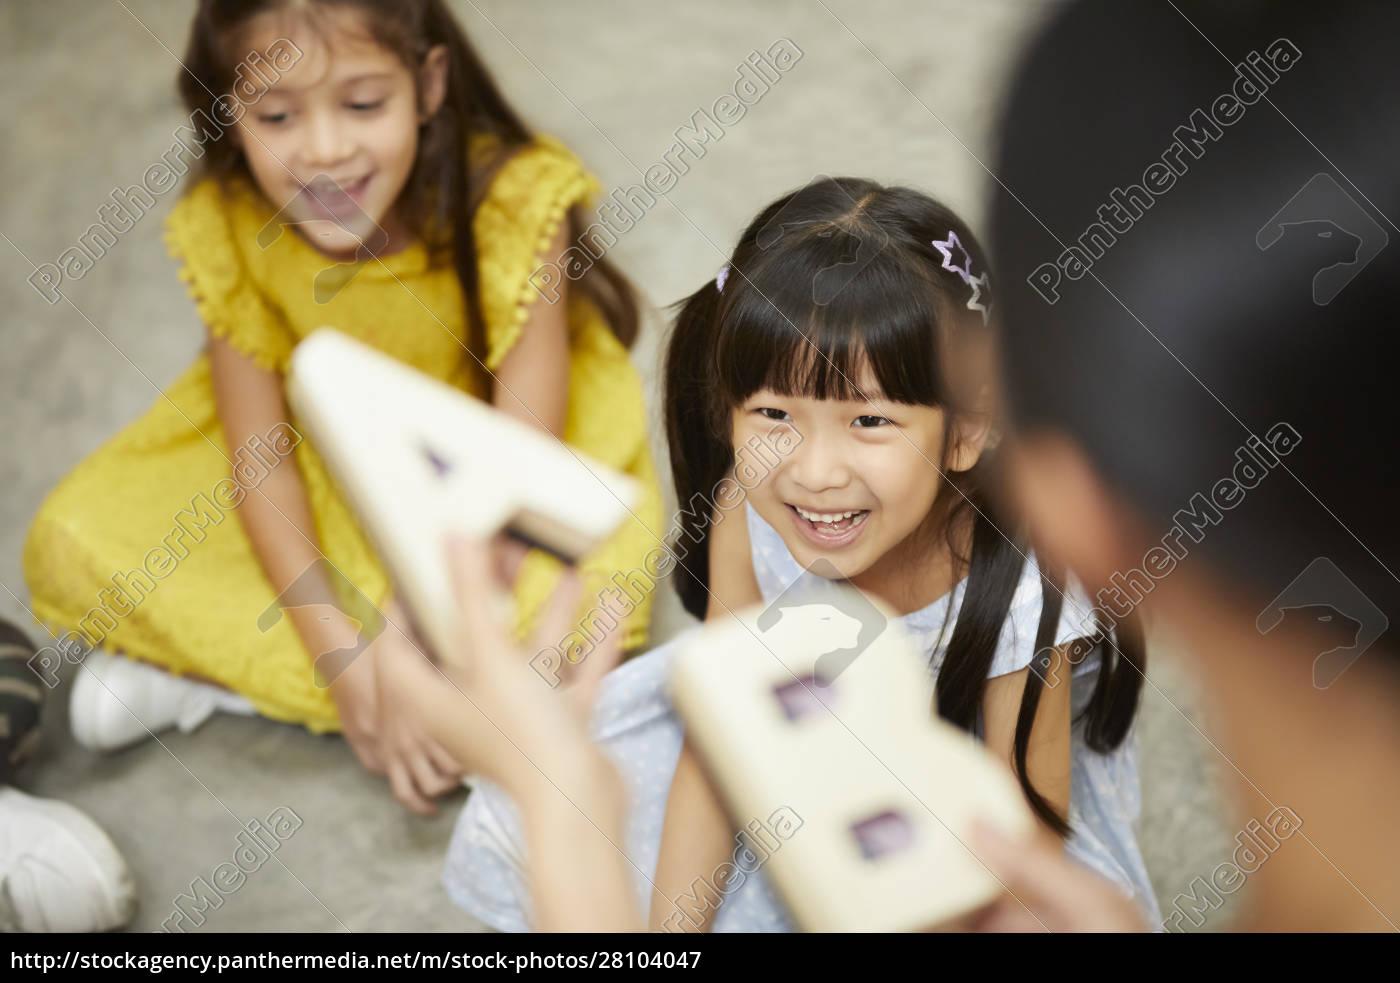 Życie, szkolne, dla, dzieci, w, wieku - 28104047